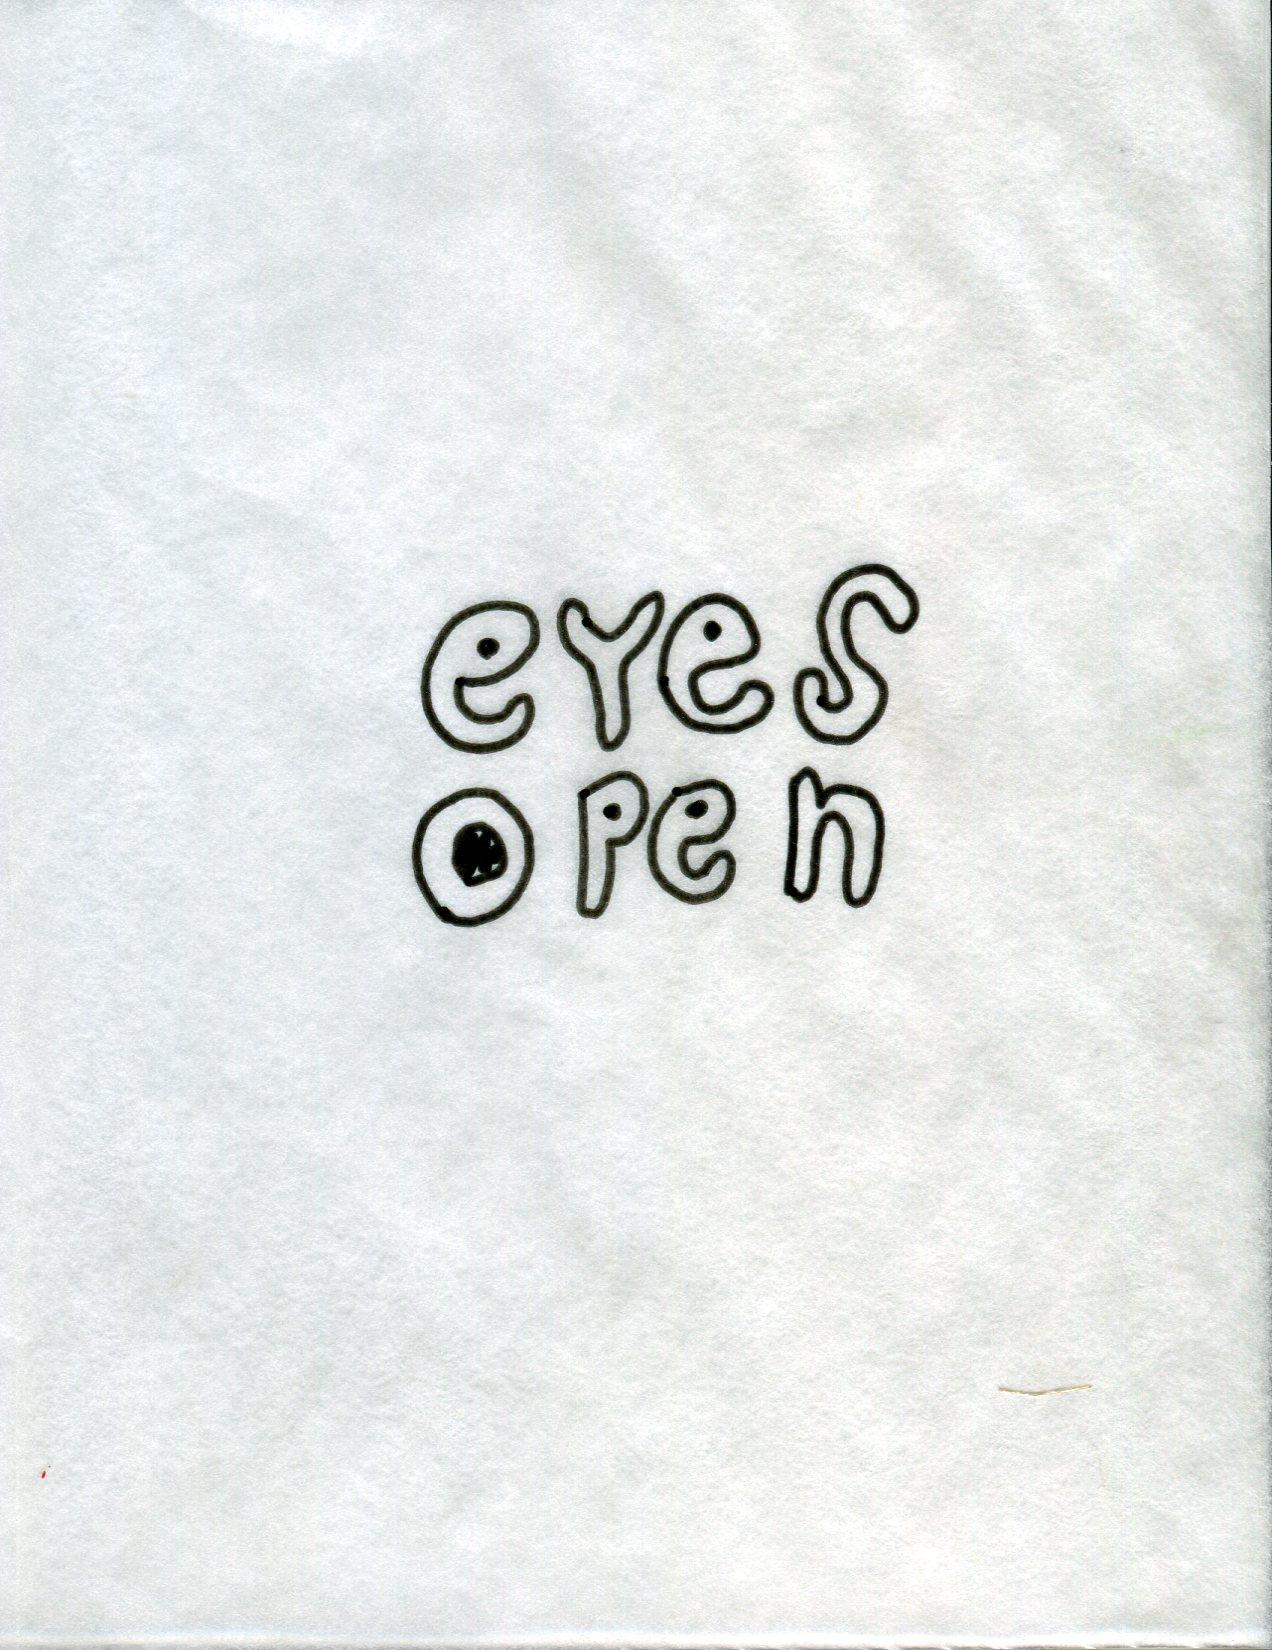 eyes-open251.jpg